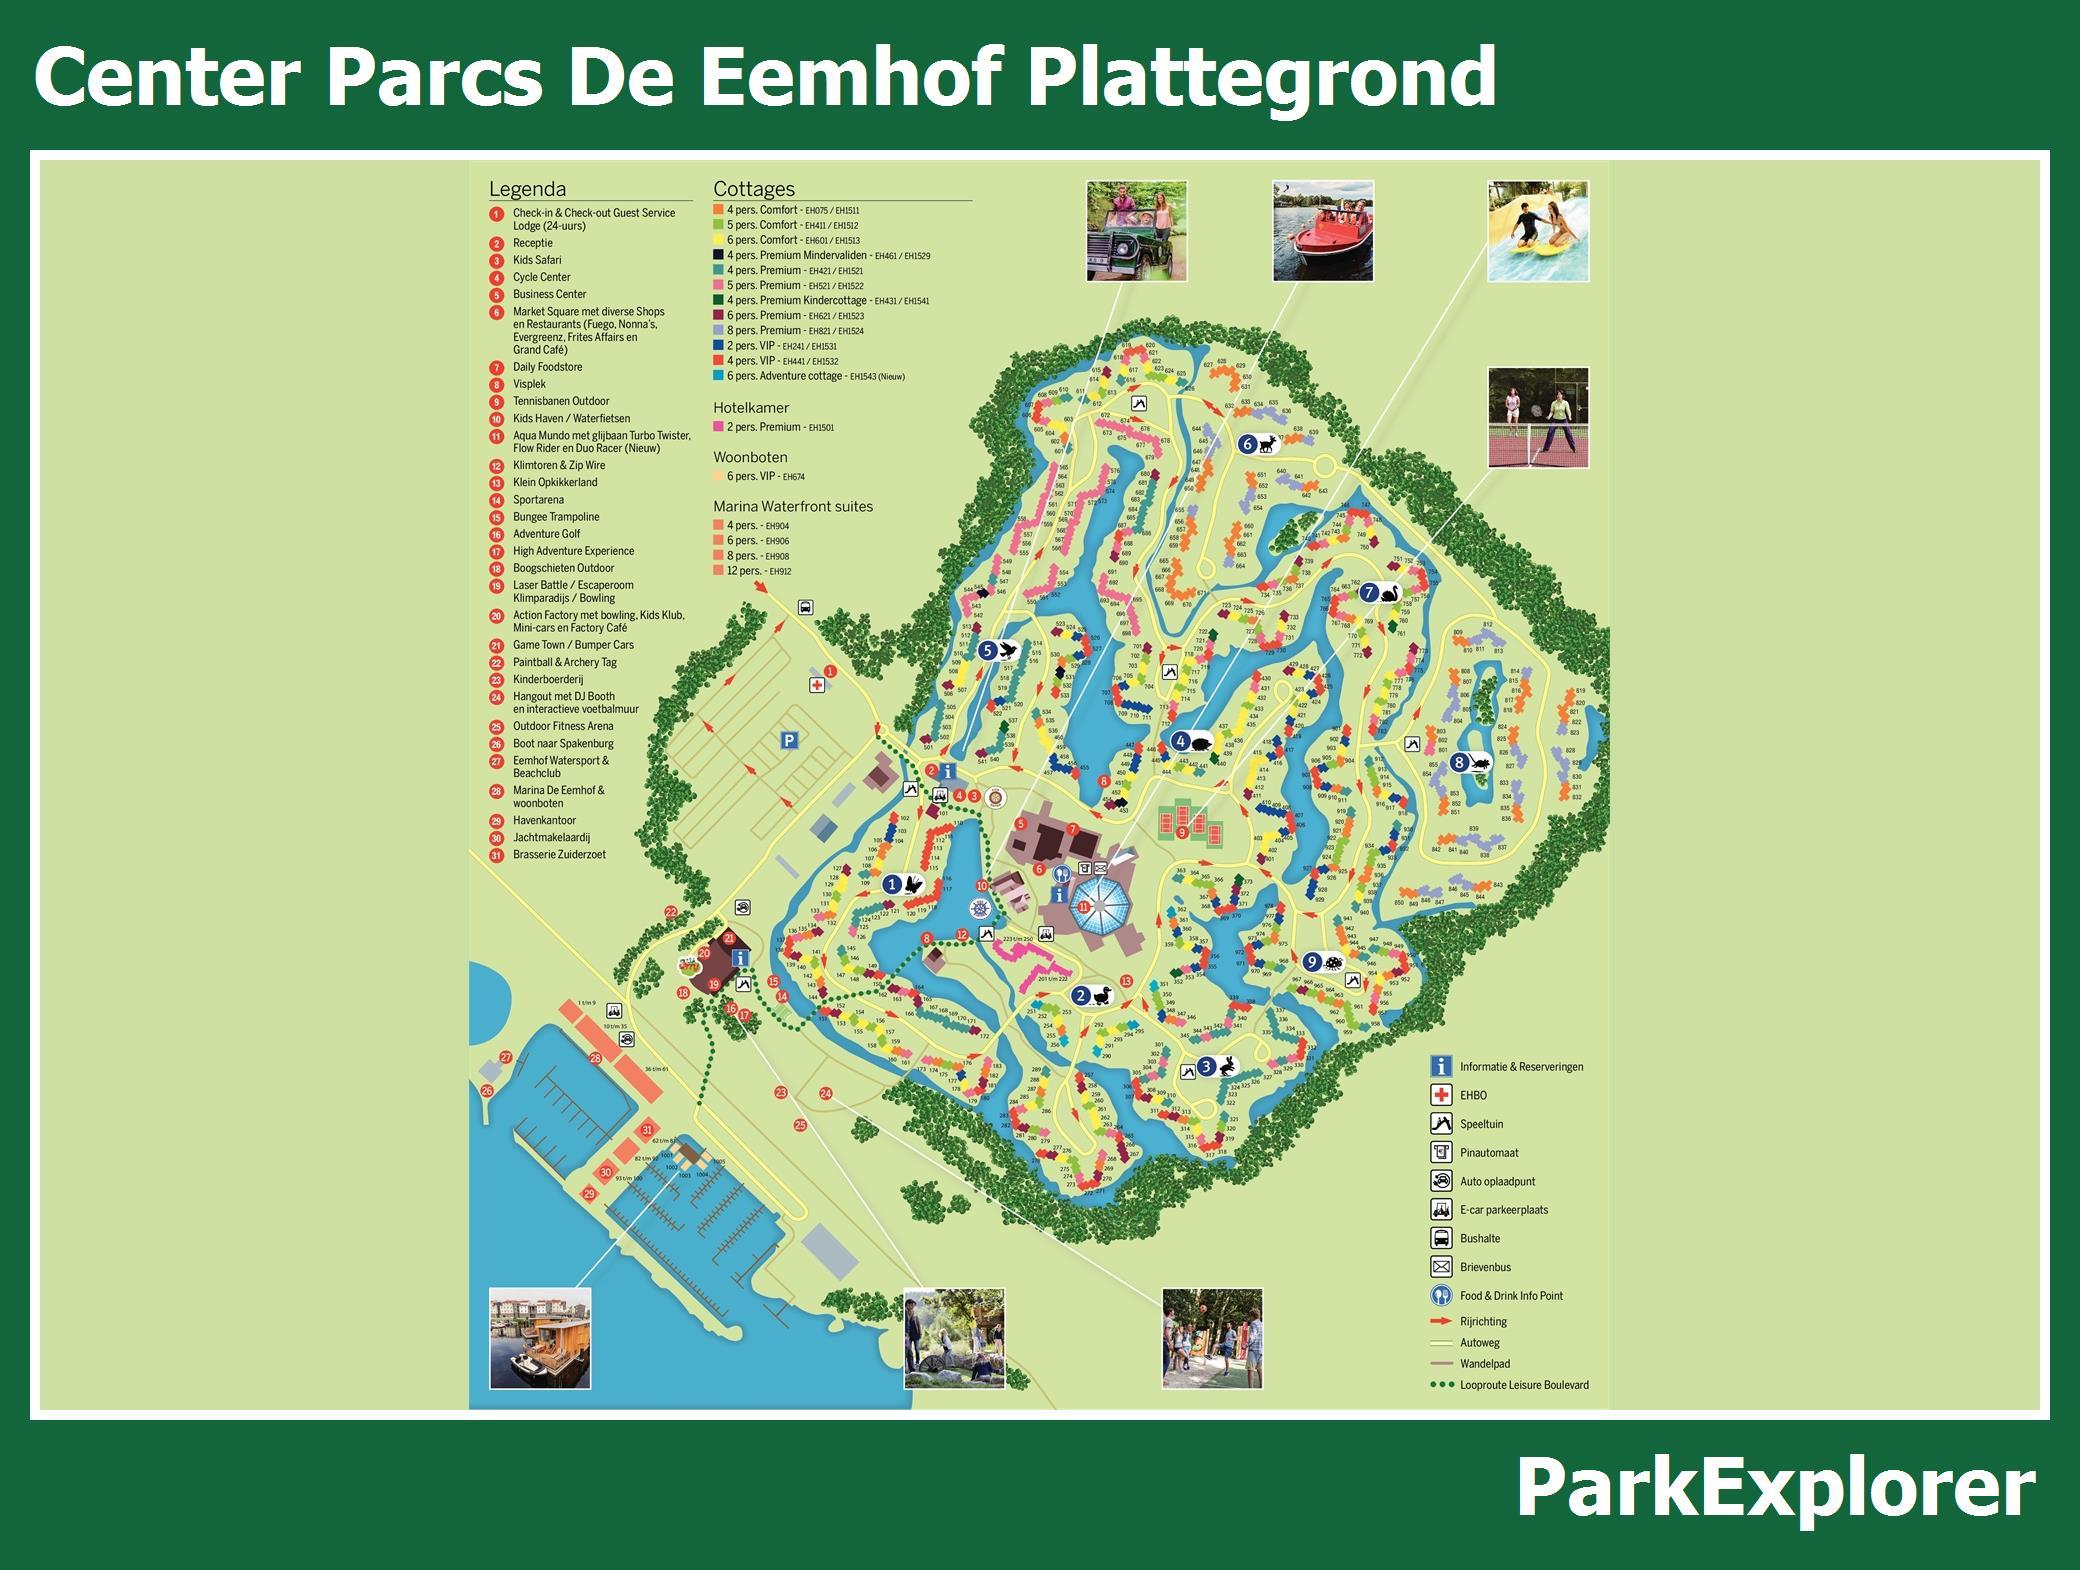 Center Parcs De Eemhof Plattegrond.Px Park Plattegrond Van Center Parcs De Eemhof Parkexplorer Nl